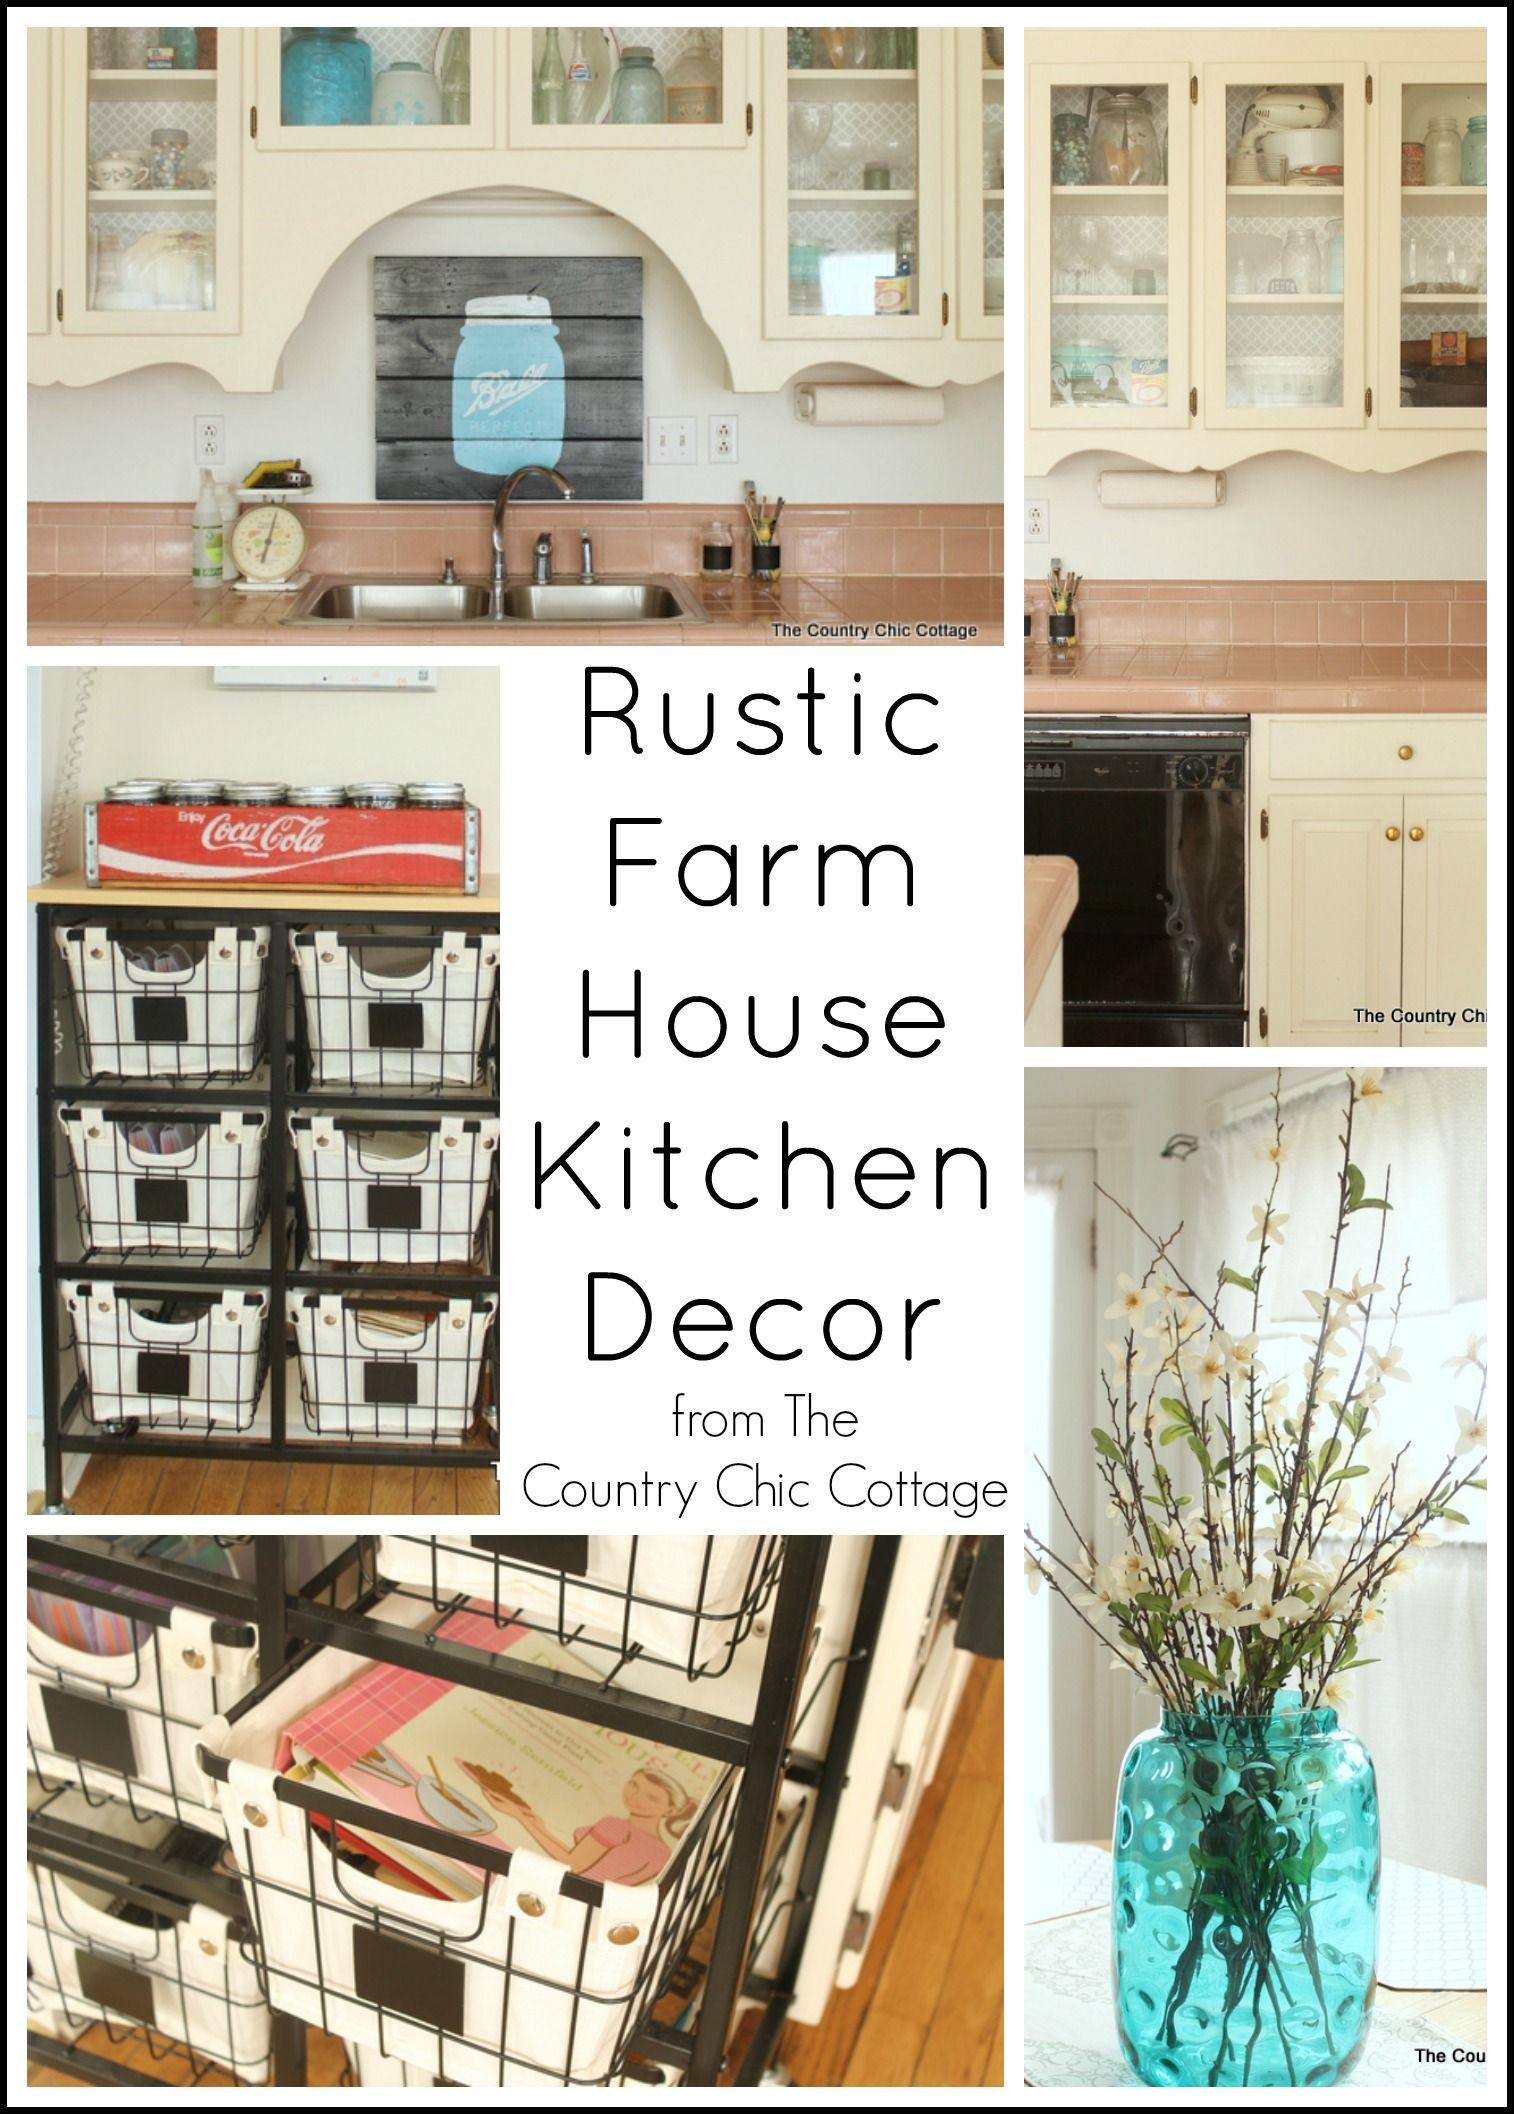 rustic farmhouse kitchen decor rustic kitchen decor country chic cottage farmhouse kitchen decor on kitchen decor ideas farmhouse id=59141